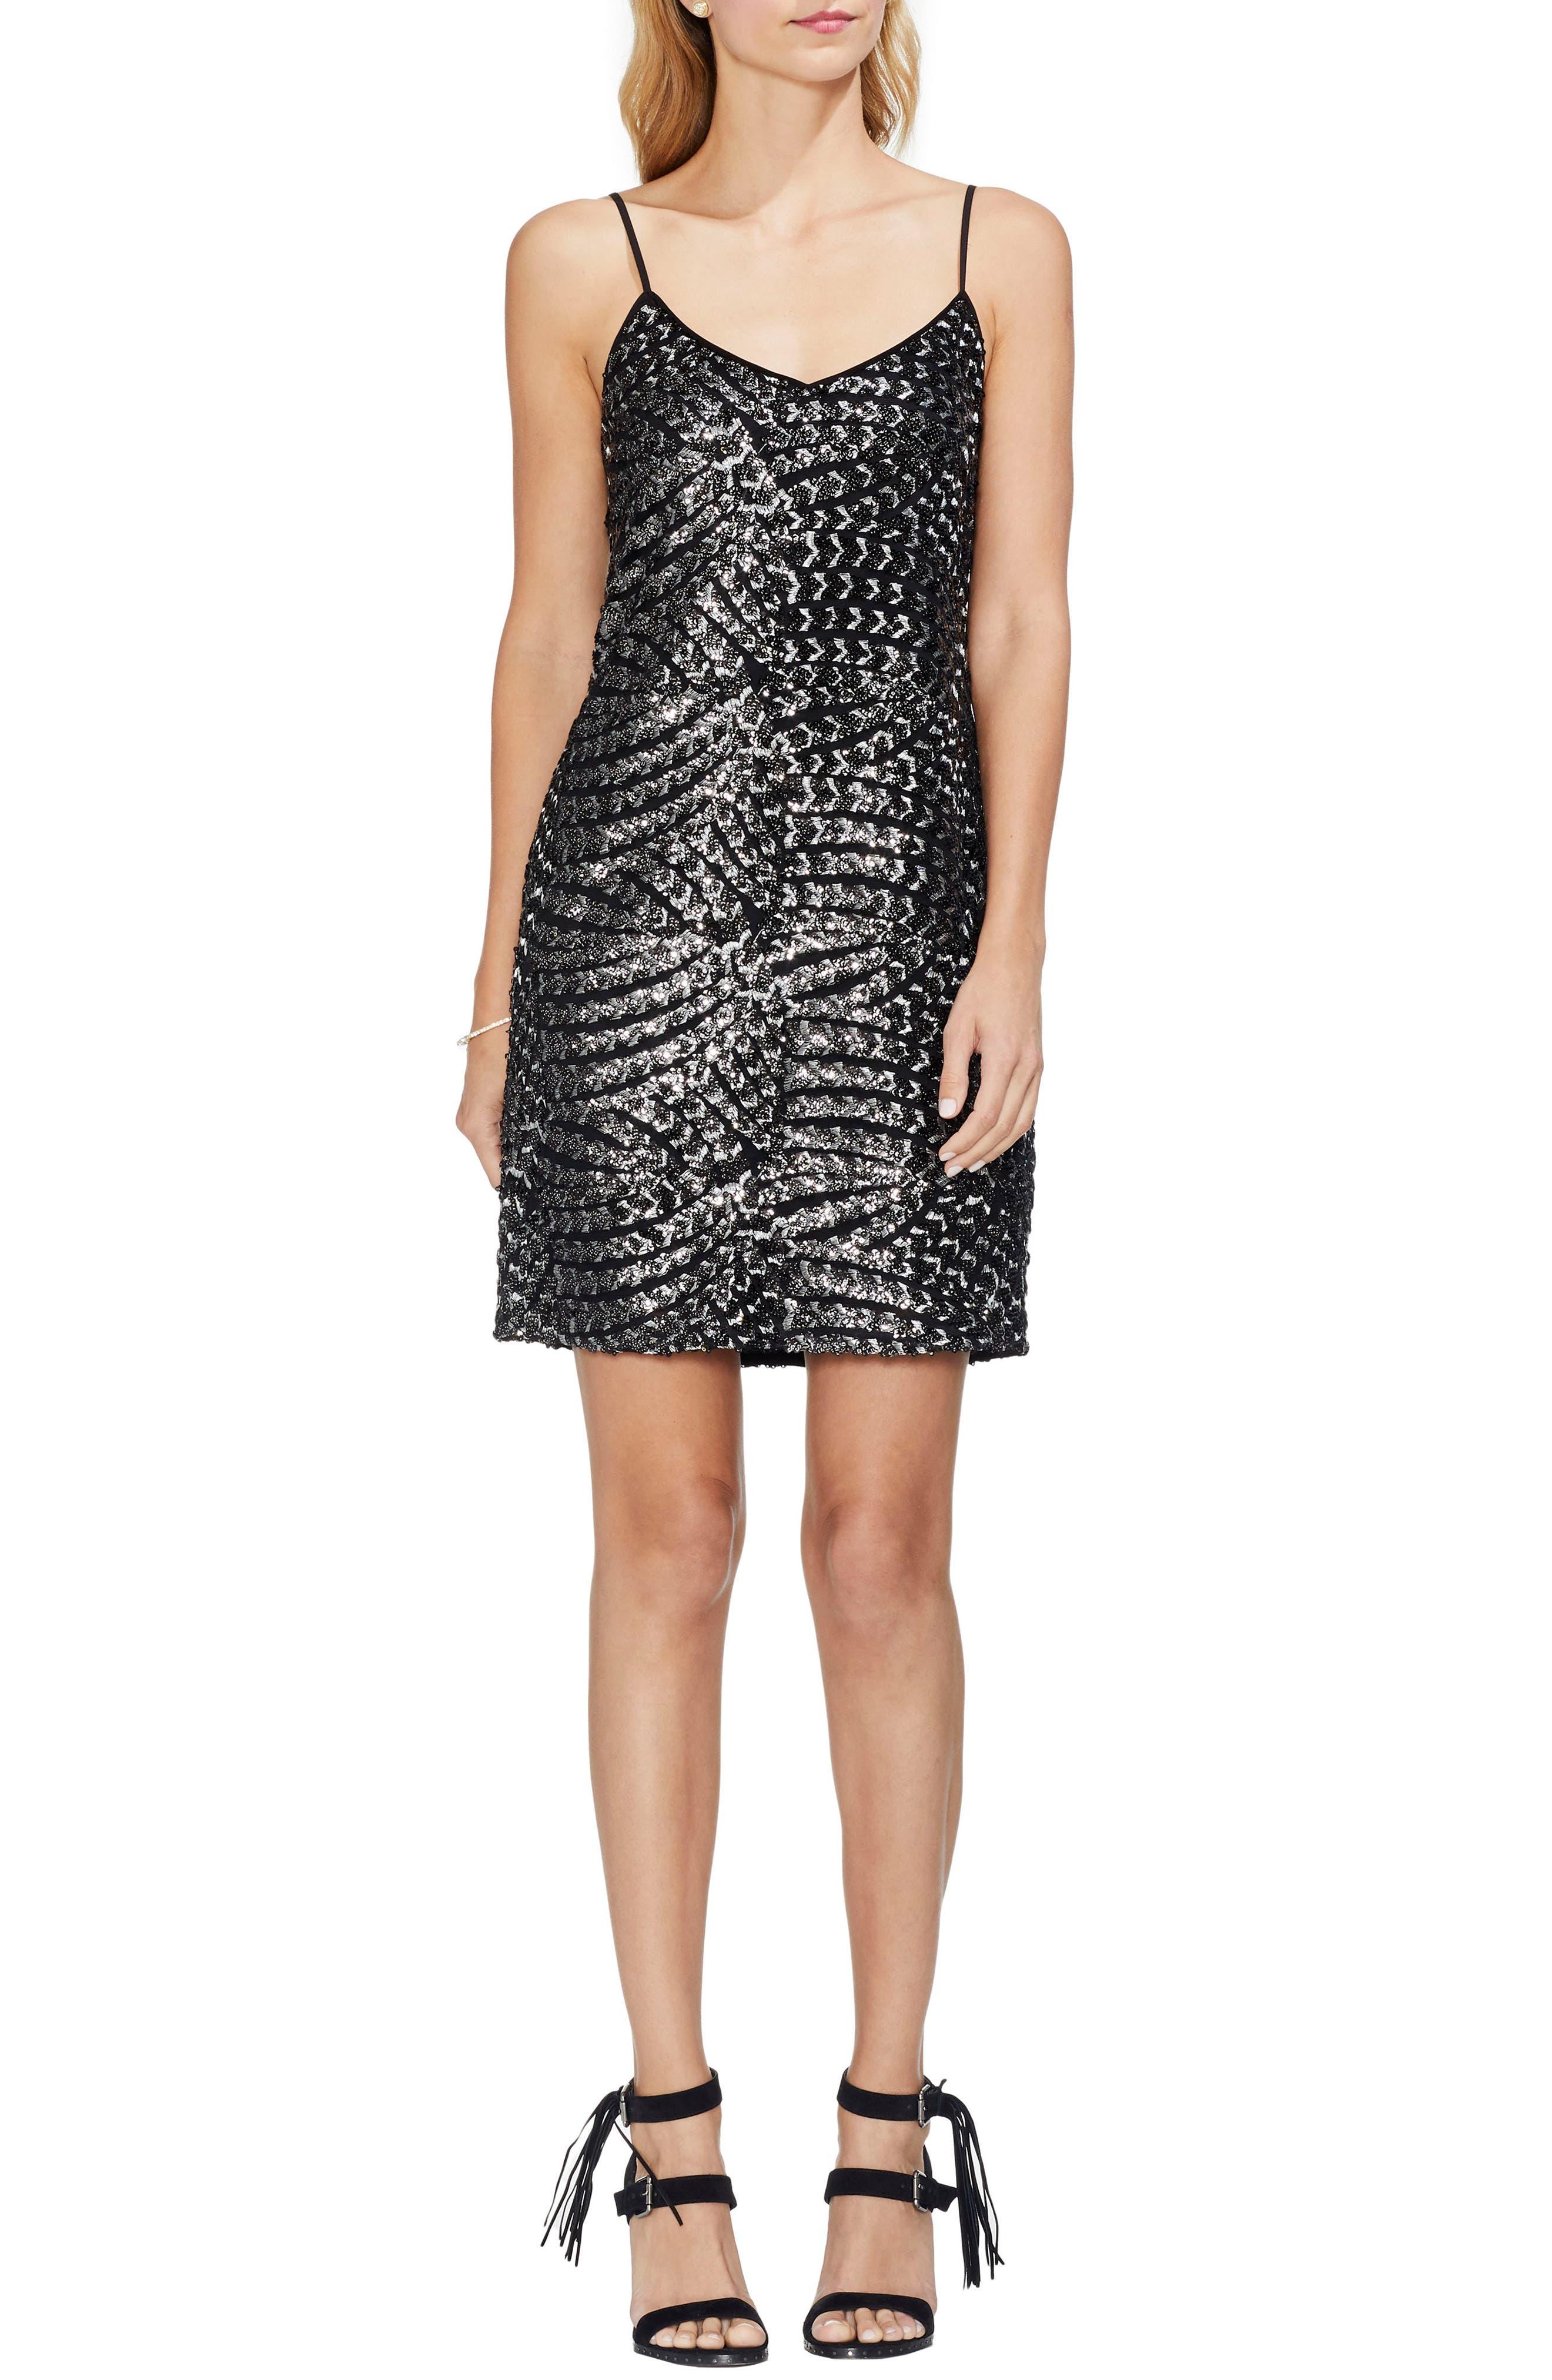 Silver Fan Sequin Camisole Dress,                             Main thumbnail 1, color,                             RICH BLACK